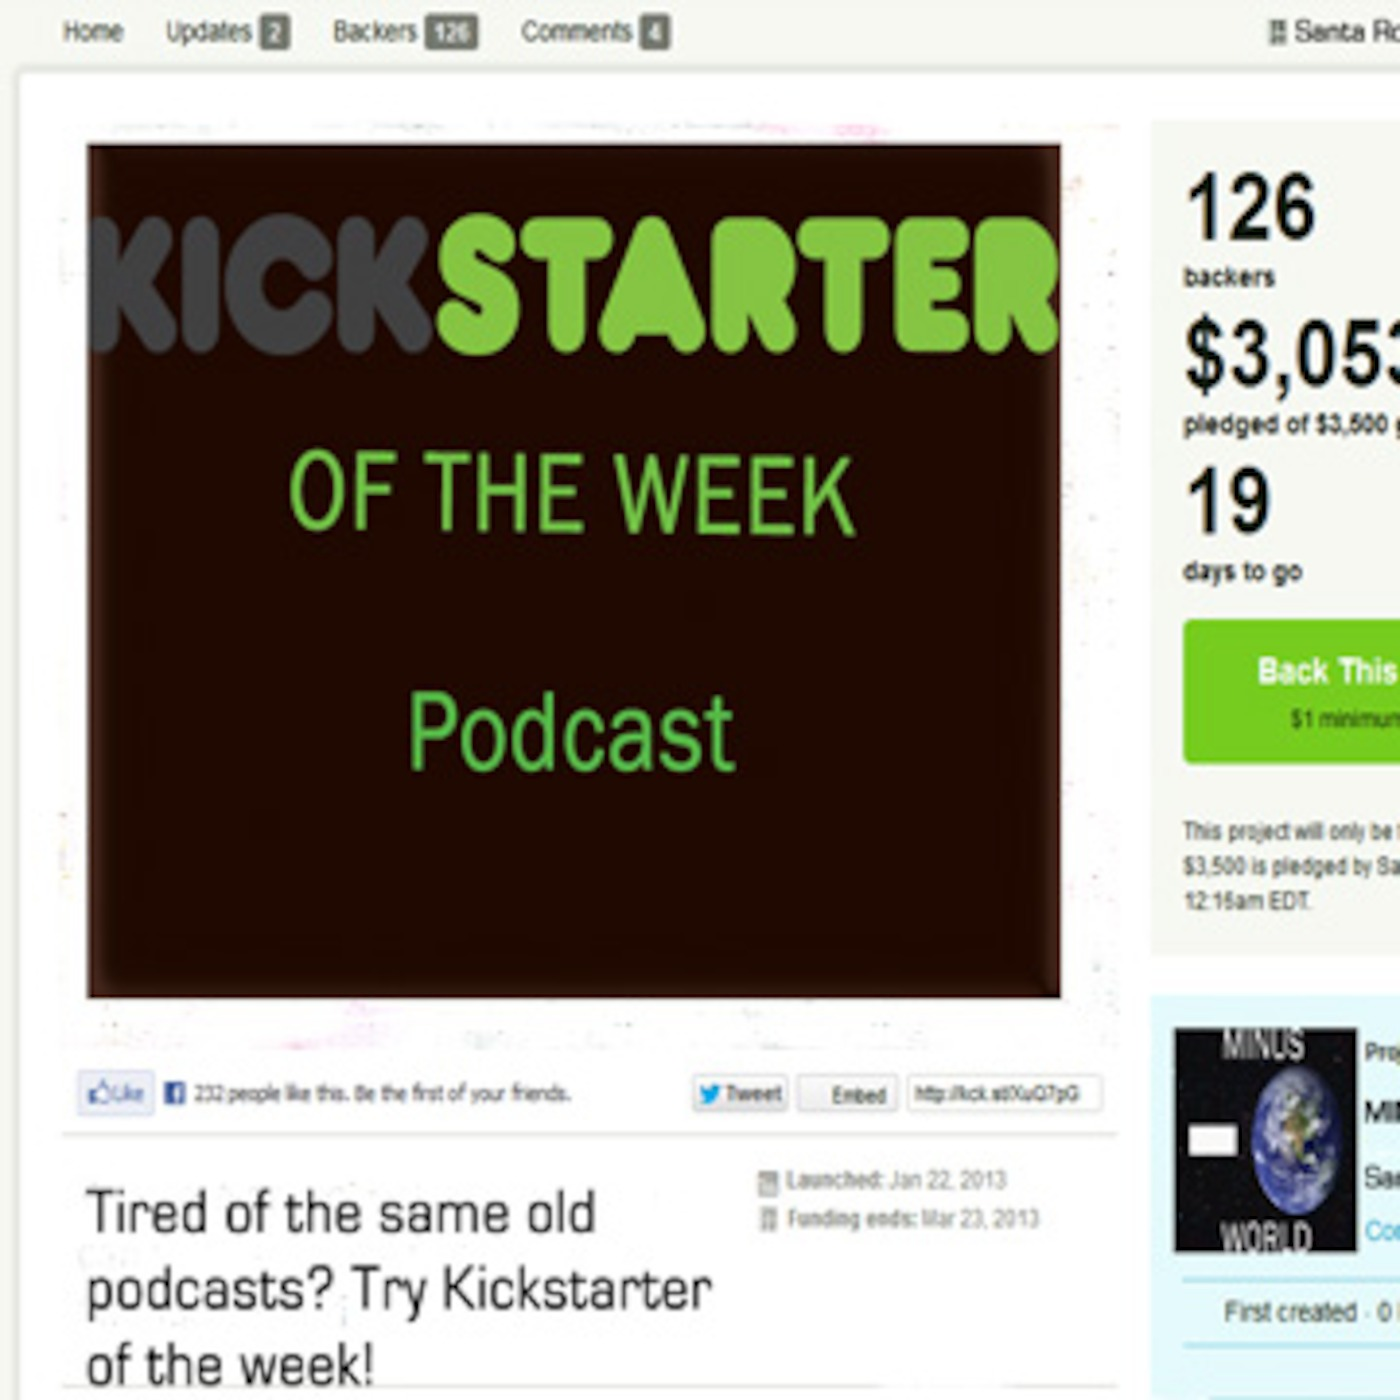 Kickstarter Of The Week